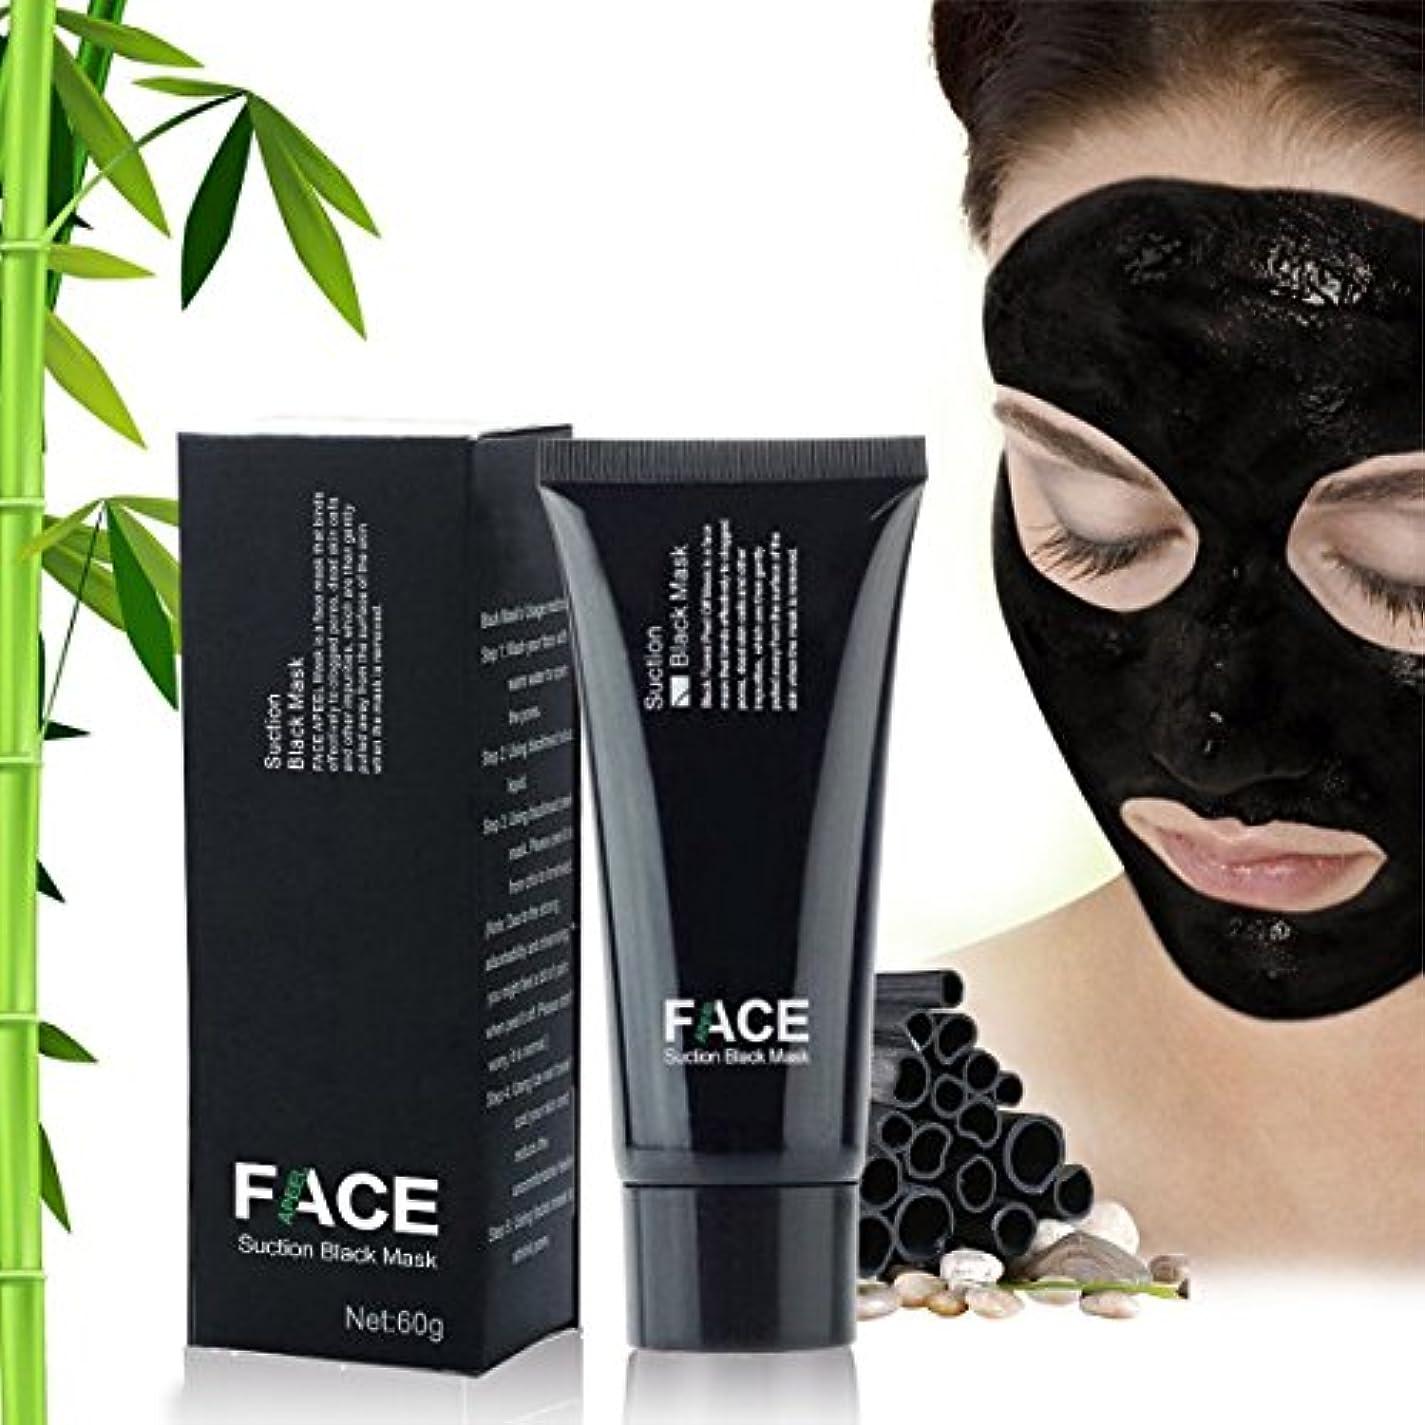 パーチナシティ器用うがい薬FaceApeel Blackheadリムーバーマスク[Blackheadsを削除] - プレミアム品質